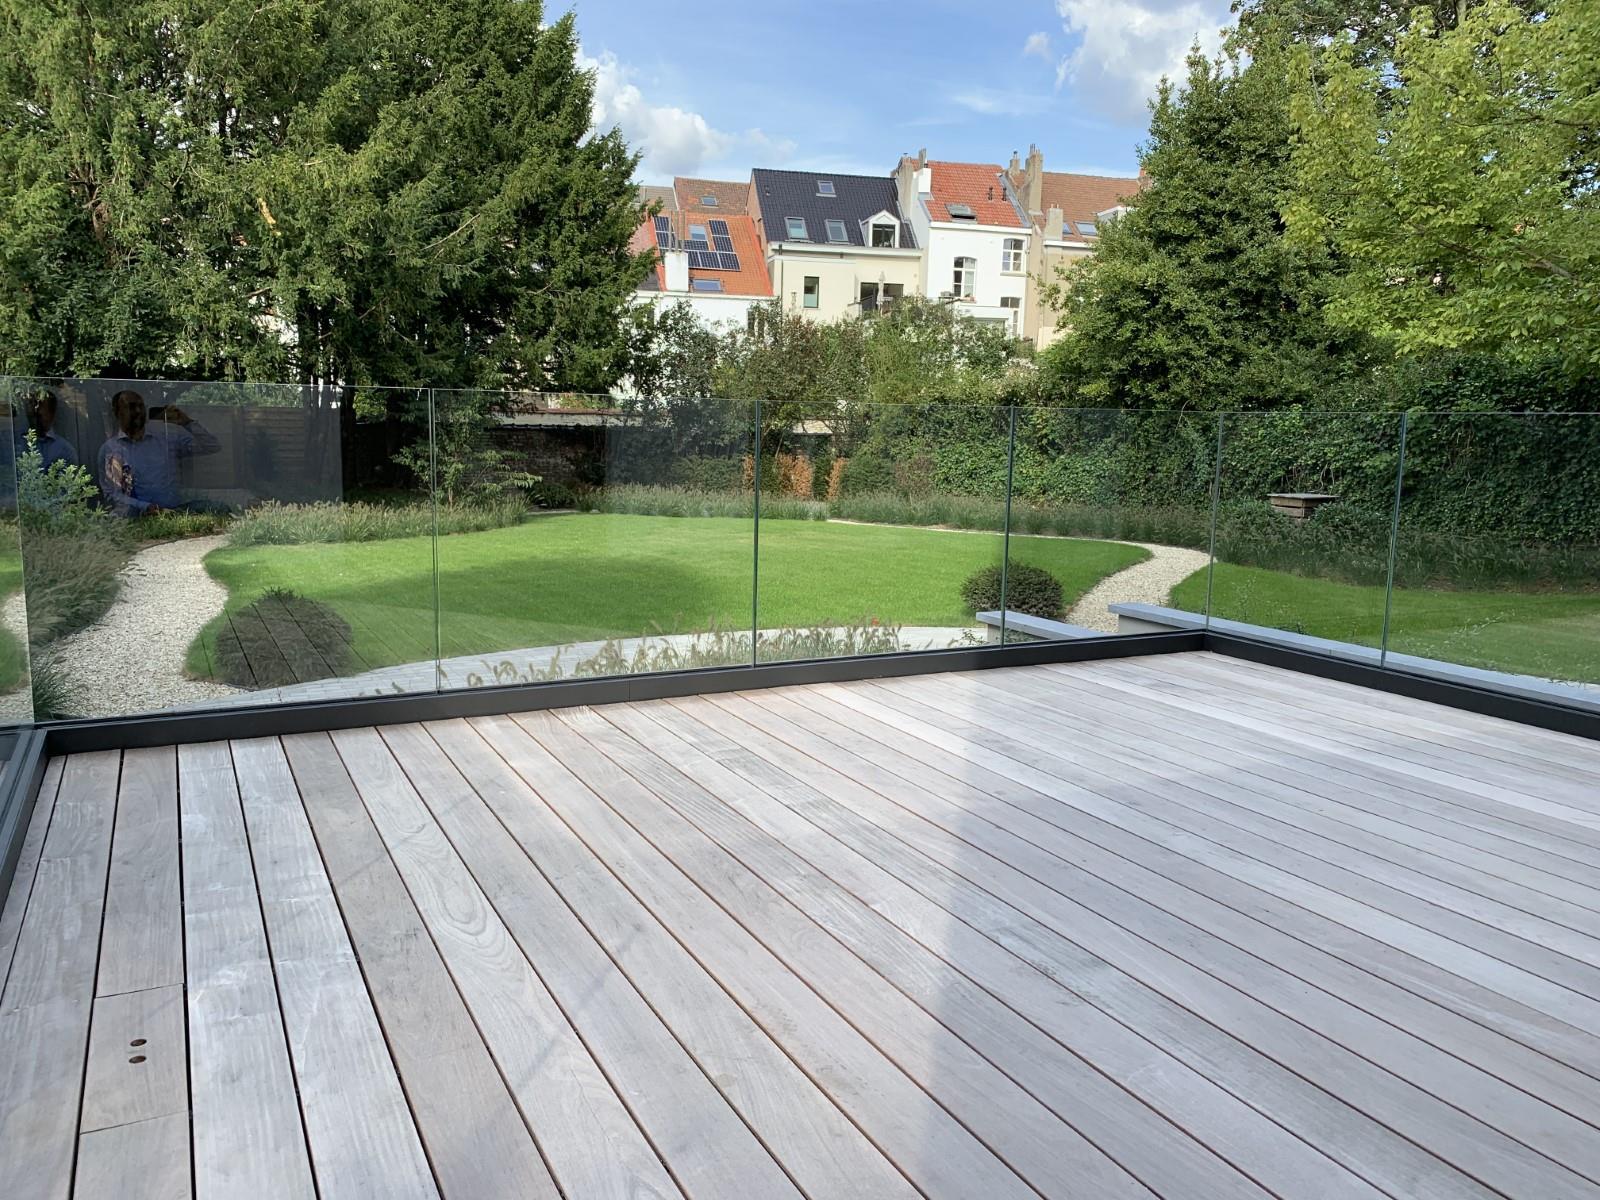 Appartement exceptionnel - Ixelles - #3915694-0